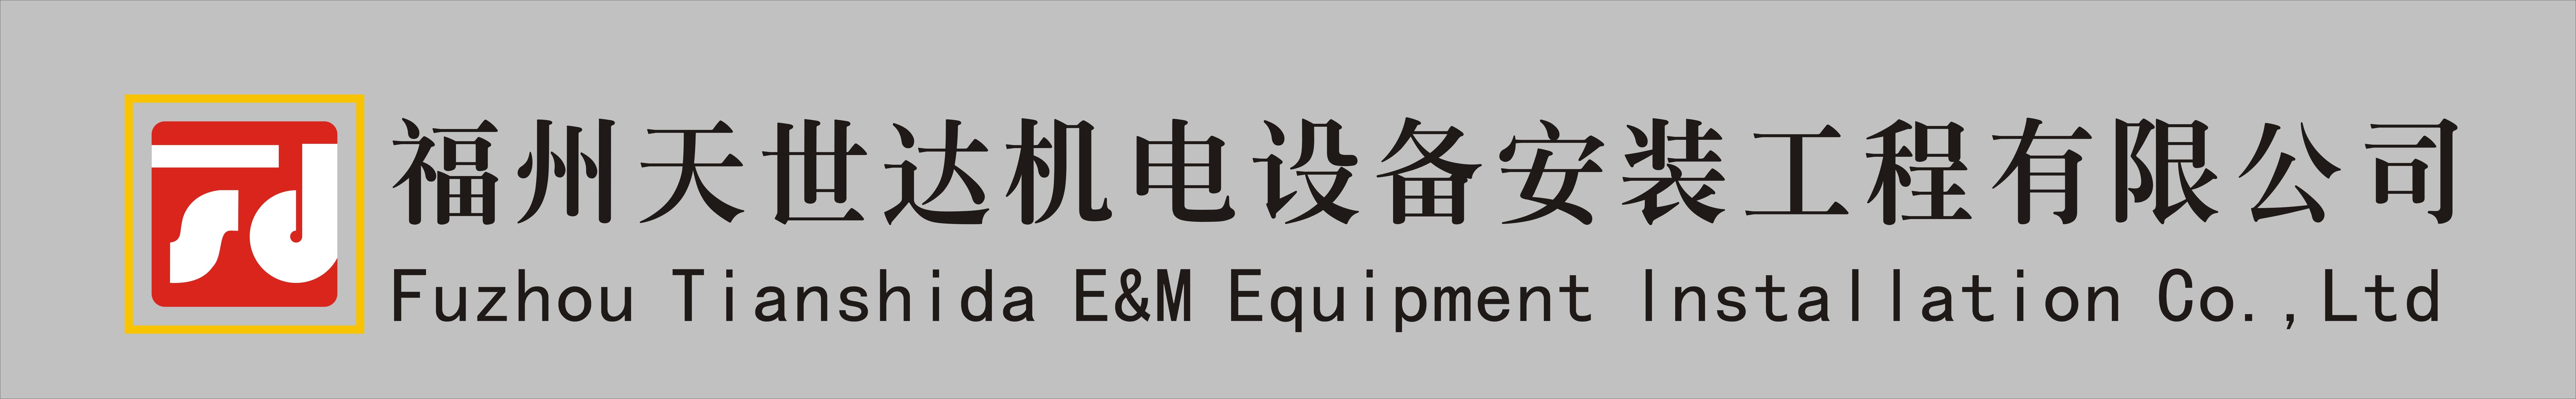 福州天世达机电设备安装工程有限公司